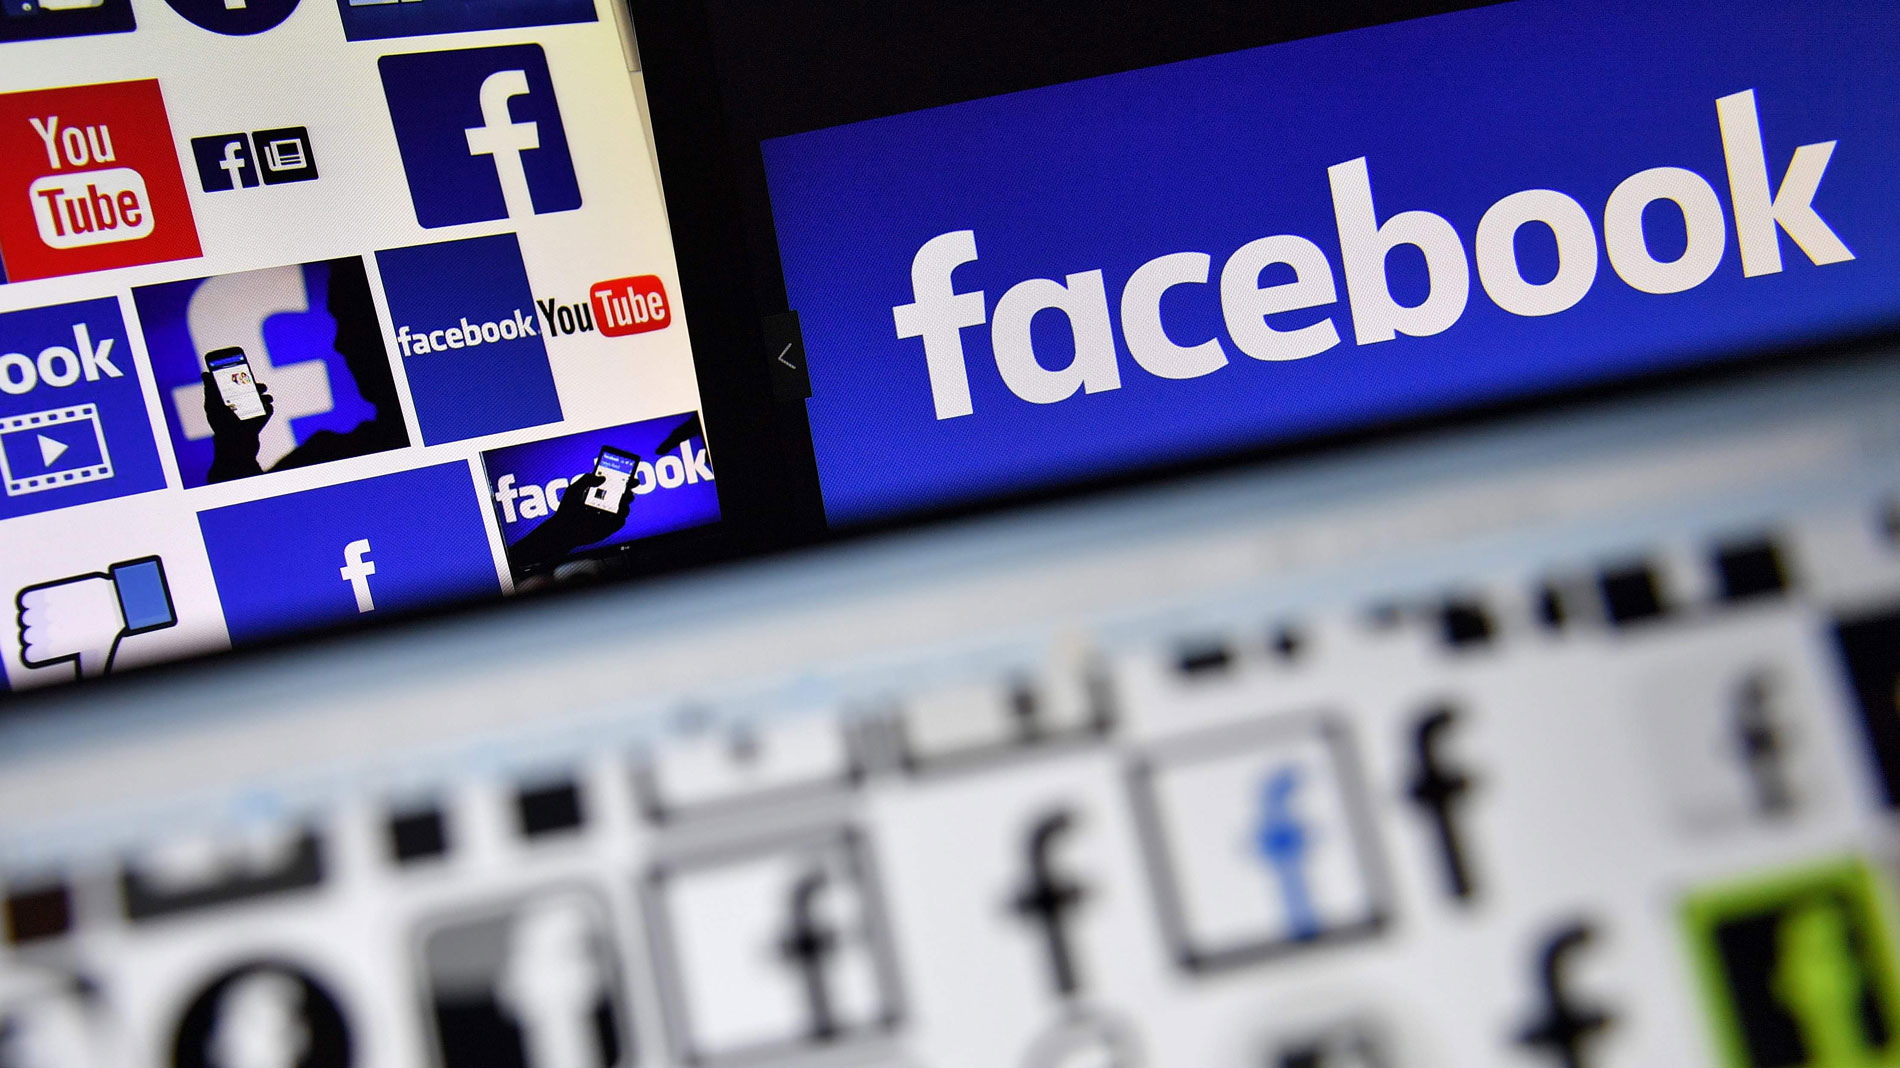 La OCU demandará a Facebook por el uso indebido de los datos de 26 millones de usuarios en España